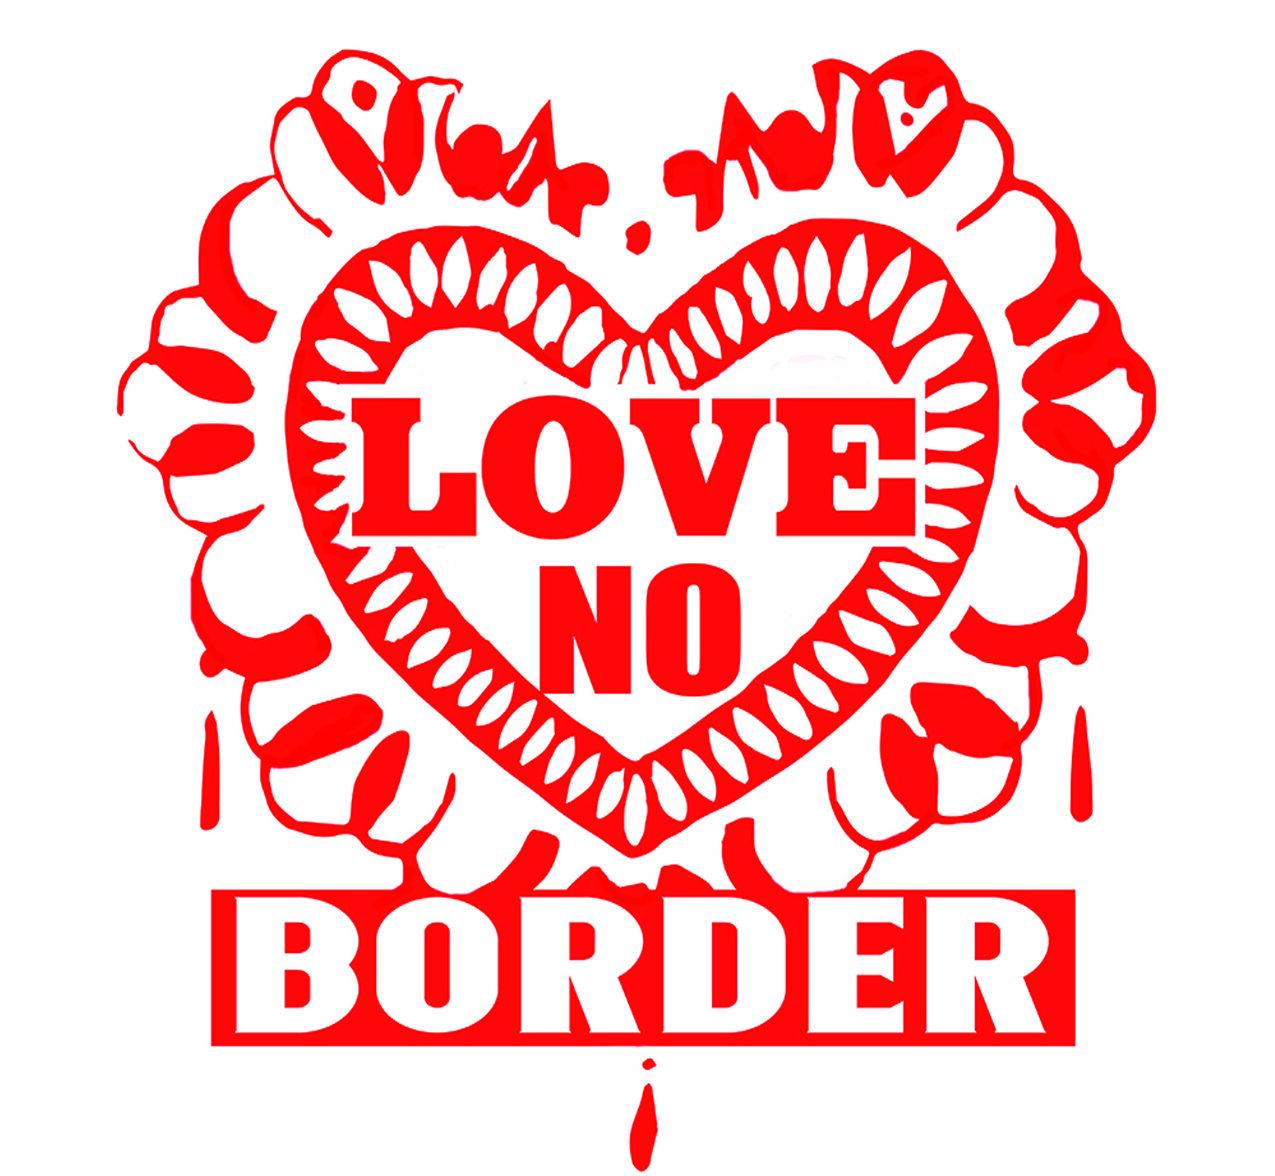 Love No Border